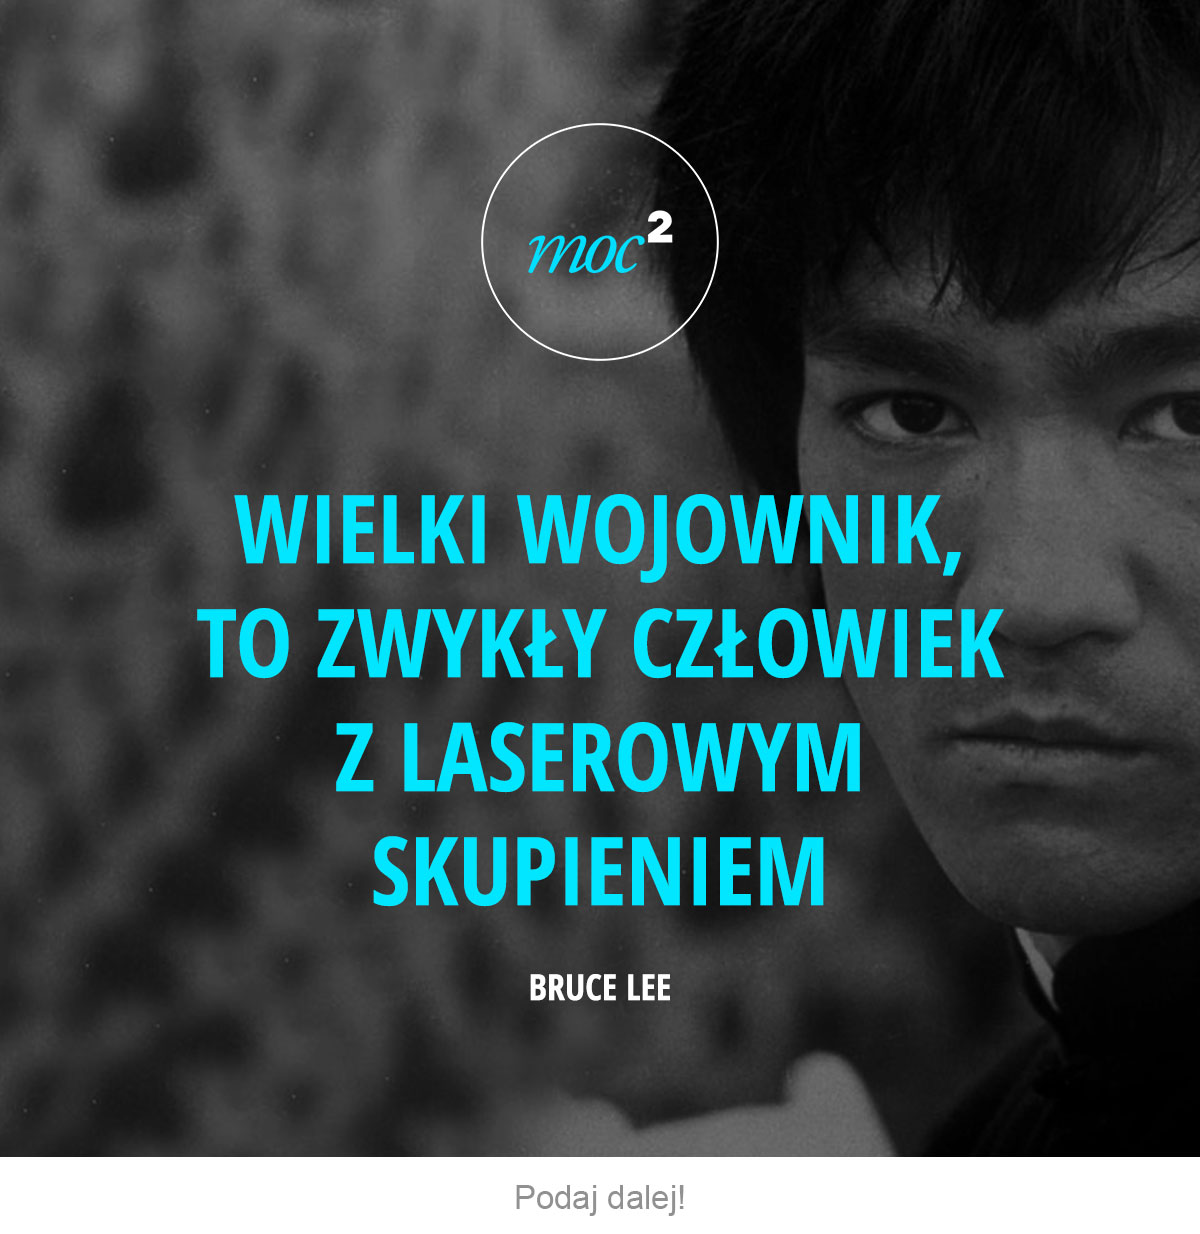 Wielki wojownik, to zwykły człowiek z laserowym skupieniem. - Bruce Lee